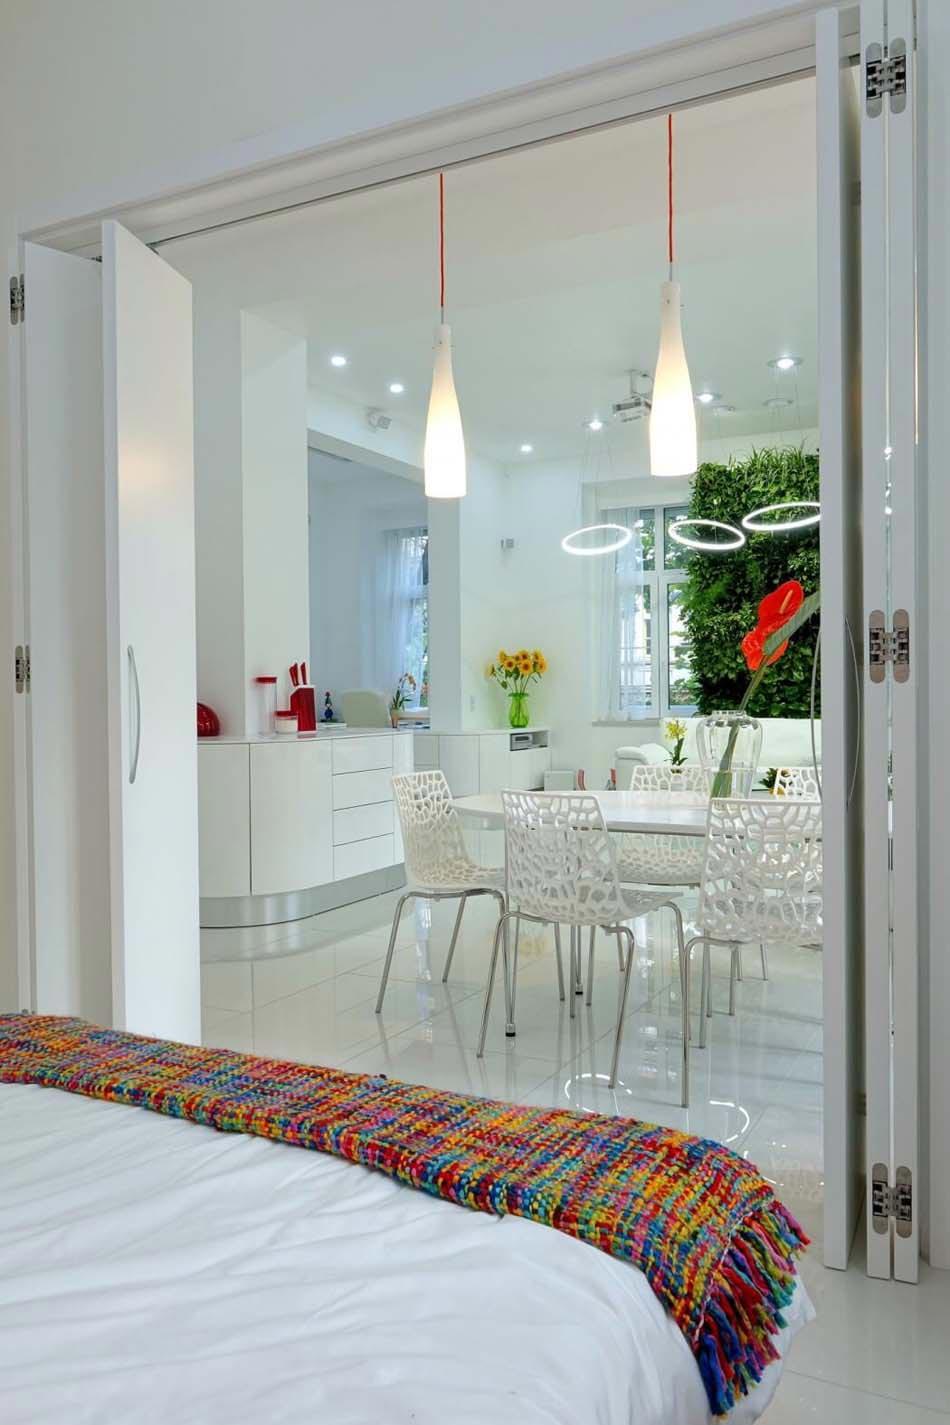 Un design original aux id es cr atives pour ce bel - Salle de reunion avec design original enidees creatives ...